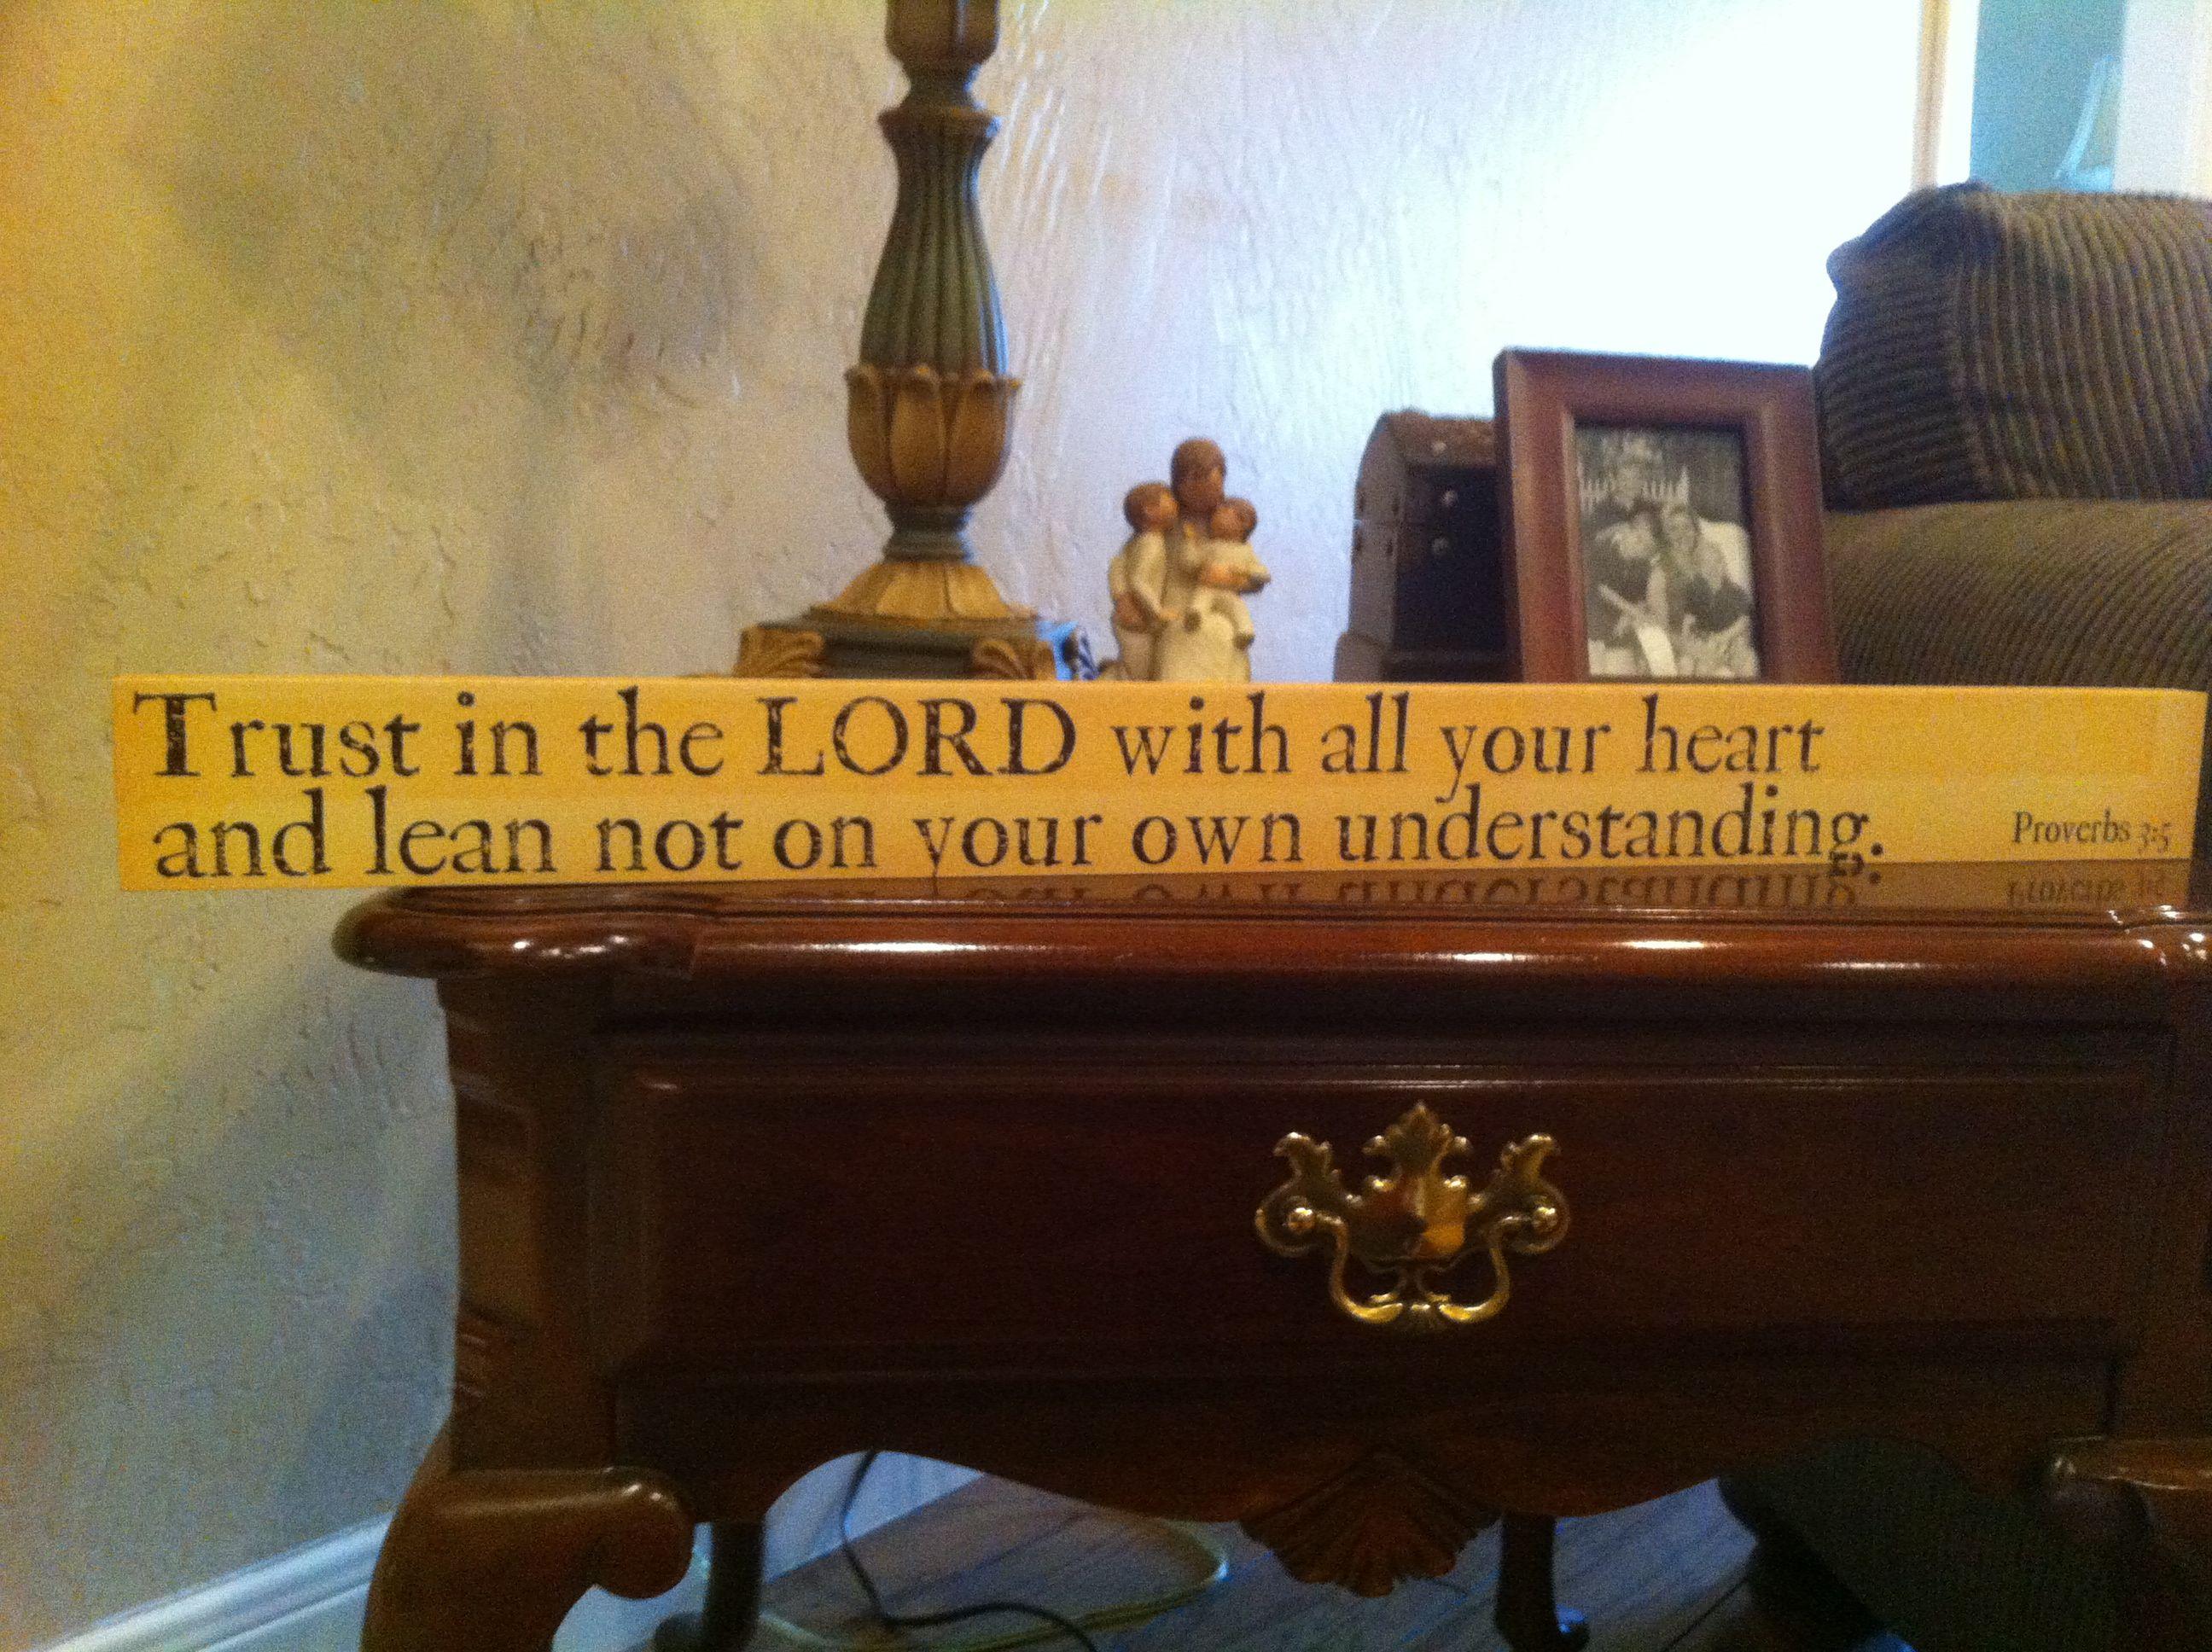 con's favorite scripture